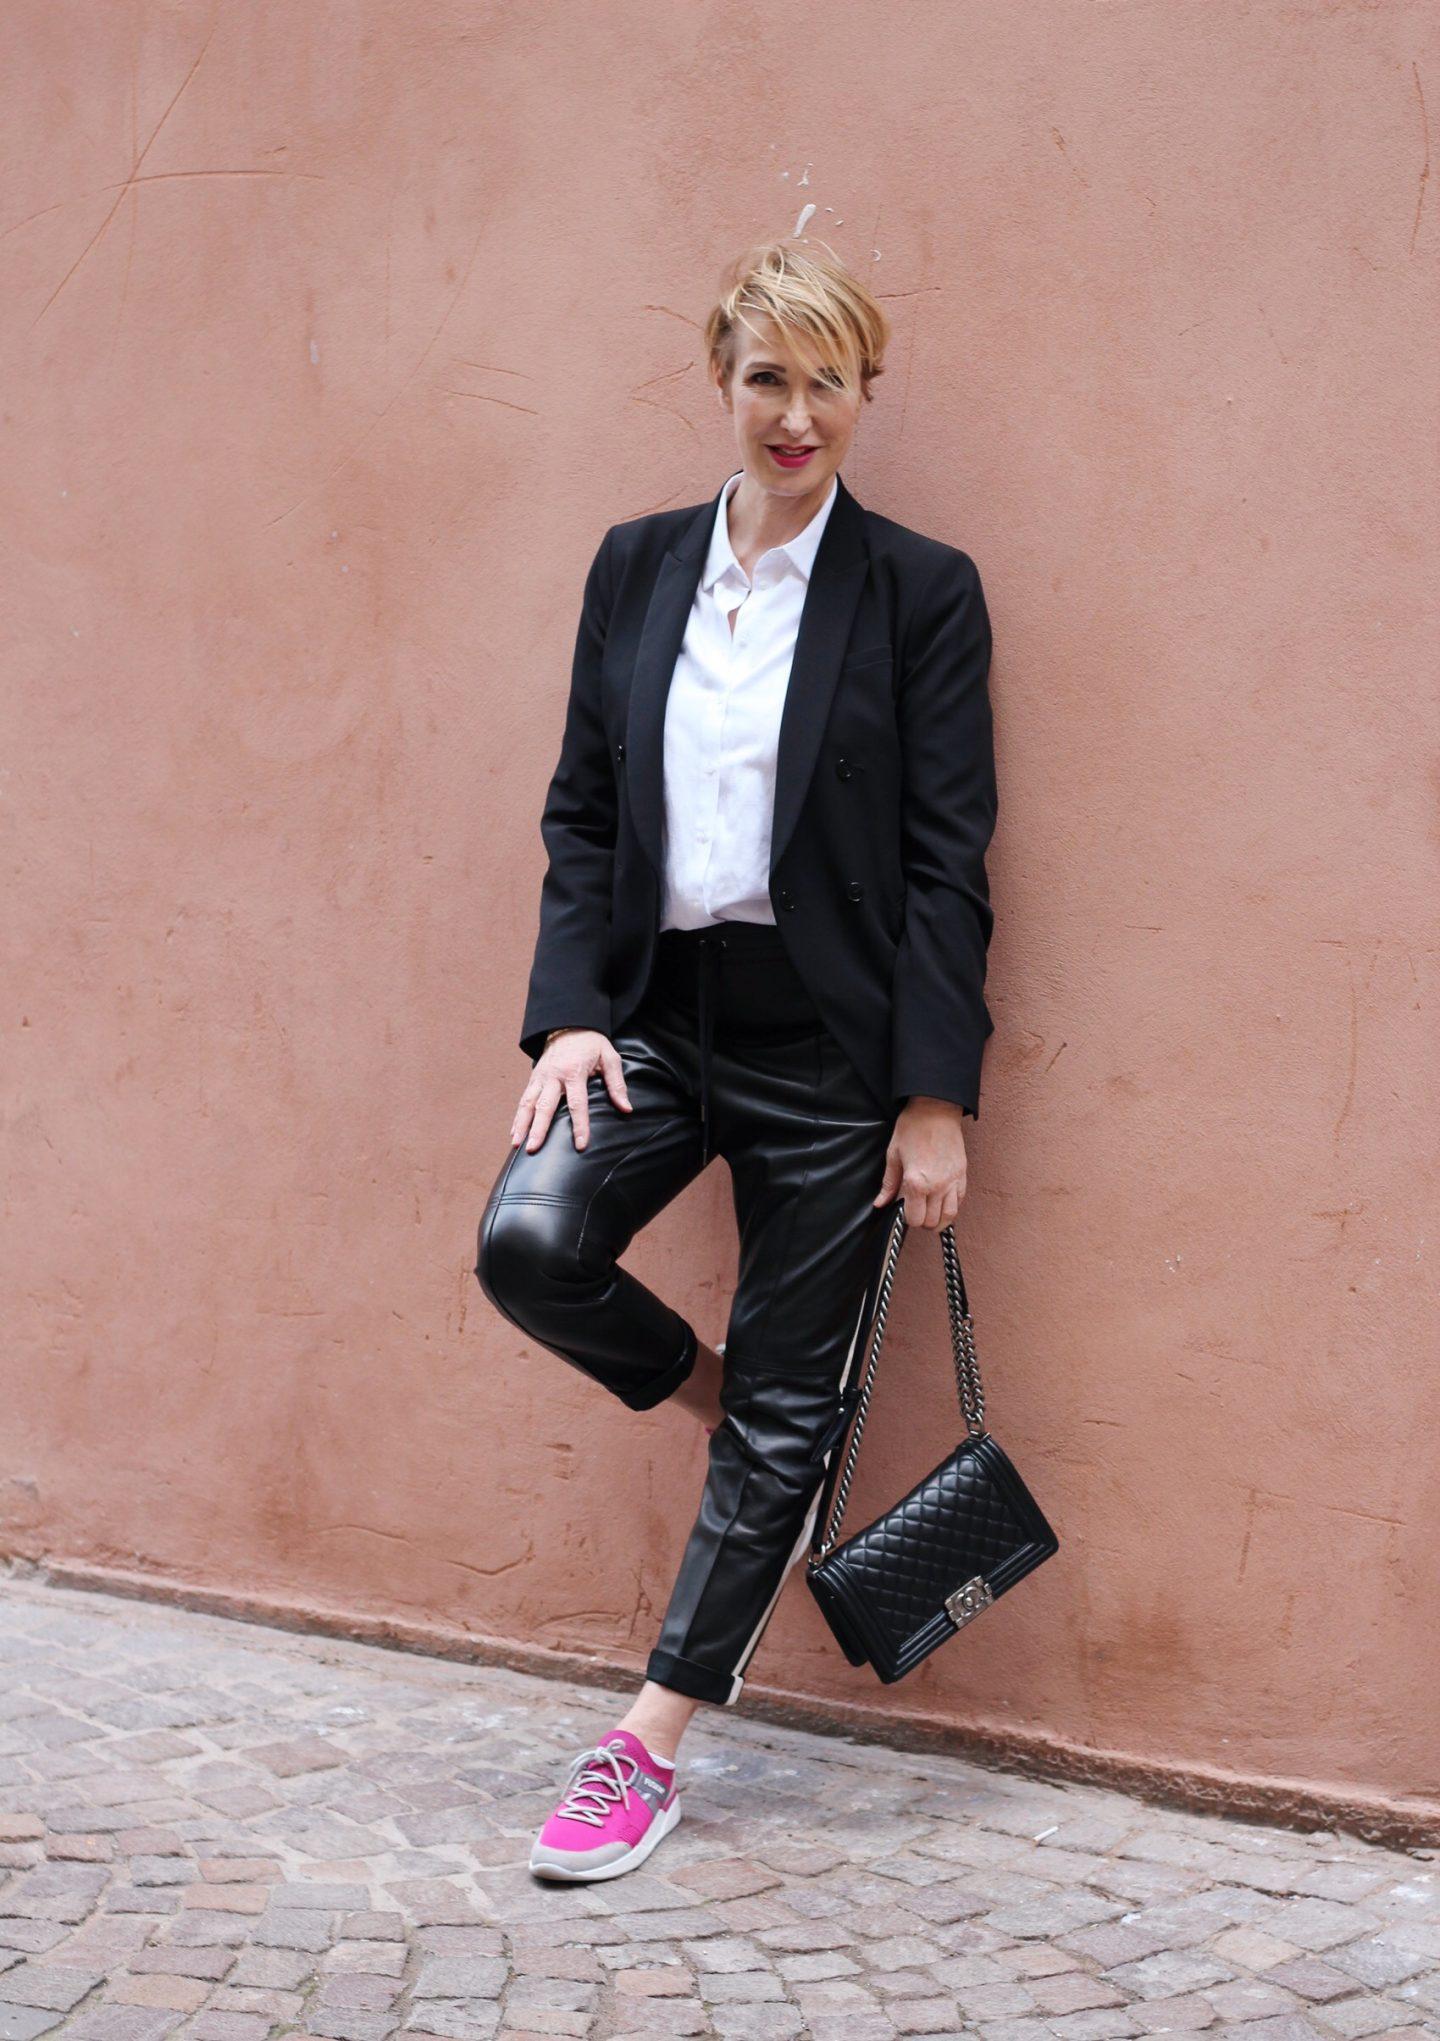 Lederhose und Blazer – ein entspannter Büro-Look